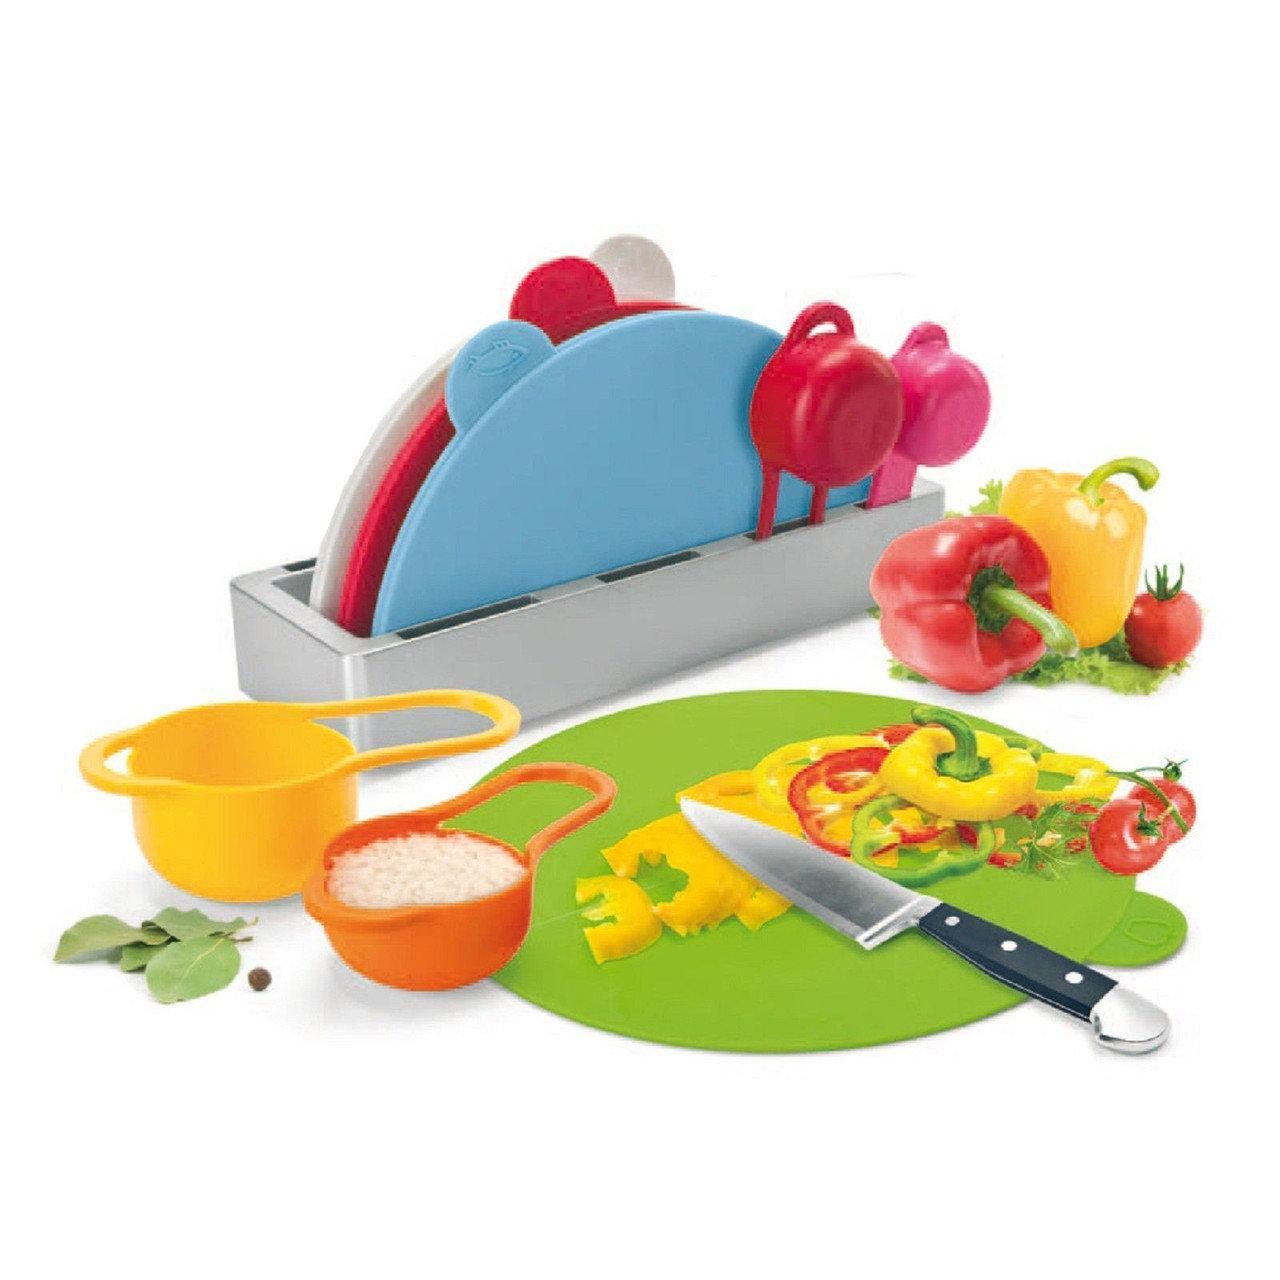 Набор пластиковой посуды Rainbow Multiboard